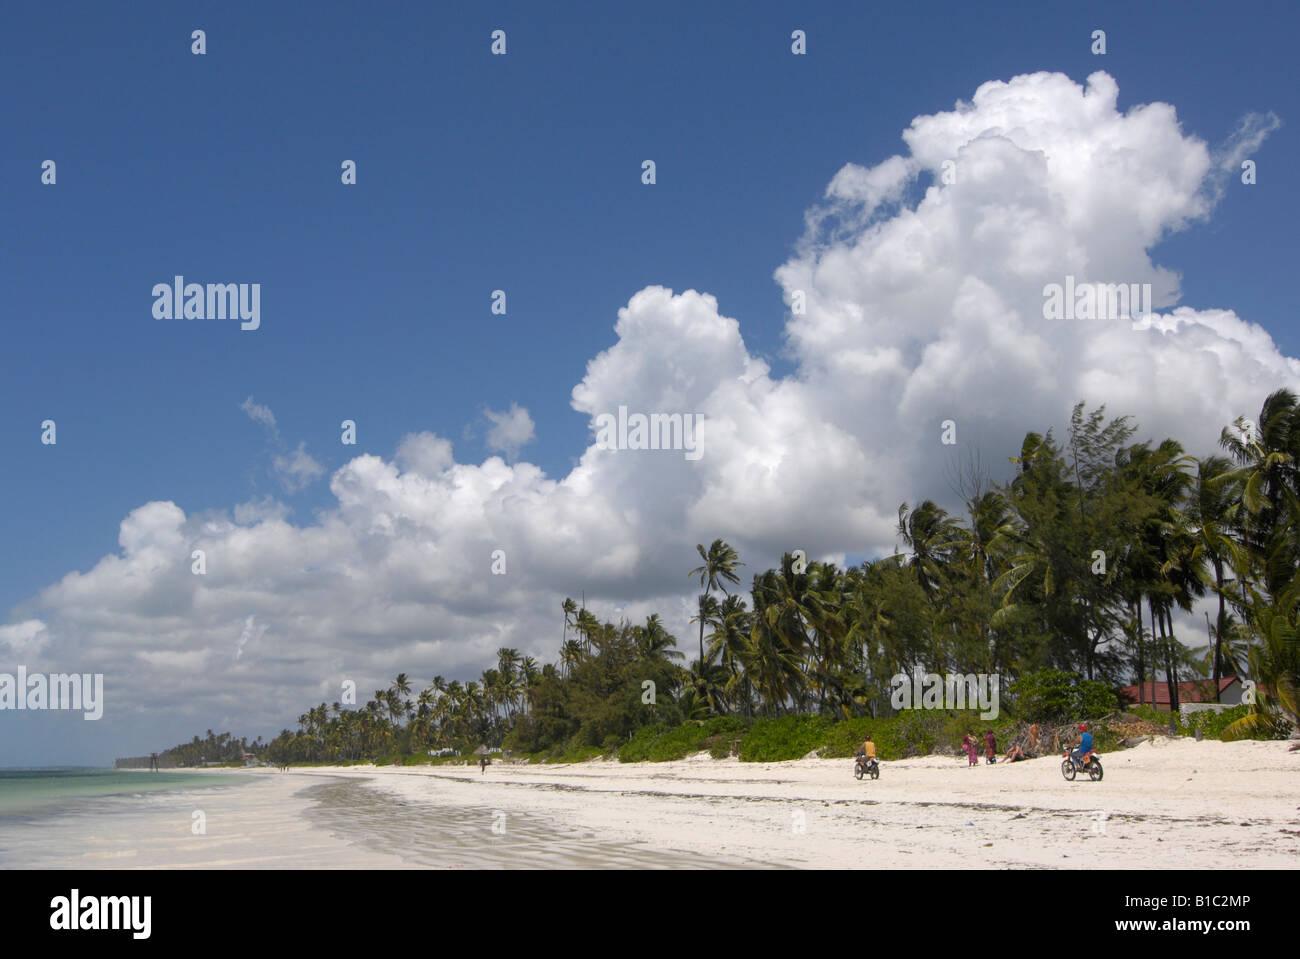 geography / travel, Tanzania, Bwejuu, Bwejuu Beach, Zanzibar, Additional-Rights-Clearance-Info-Not-Available - Stock Image